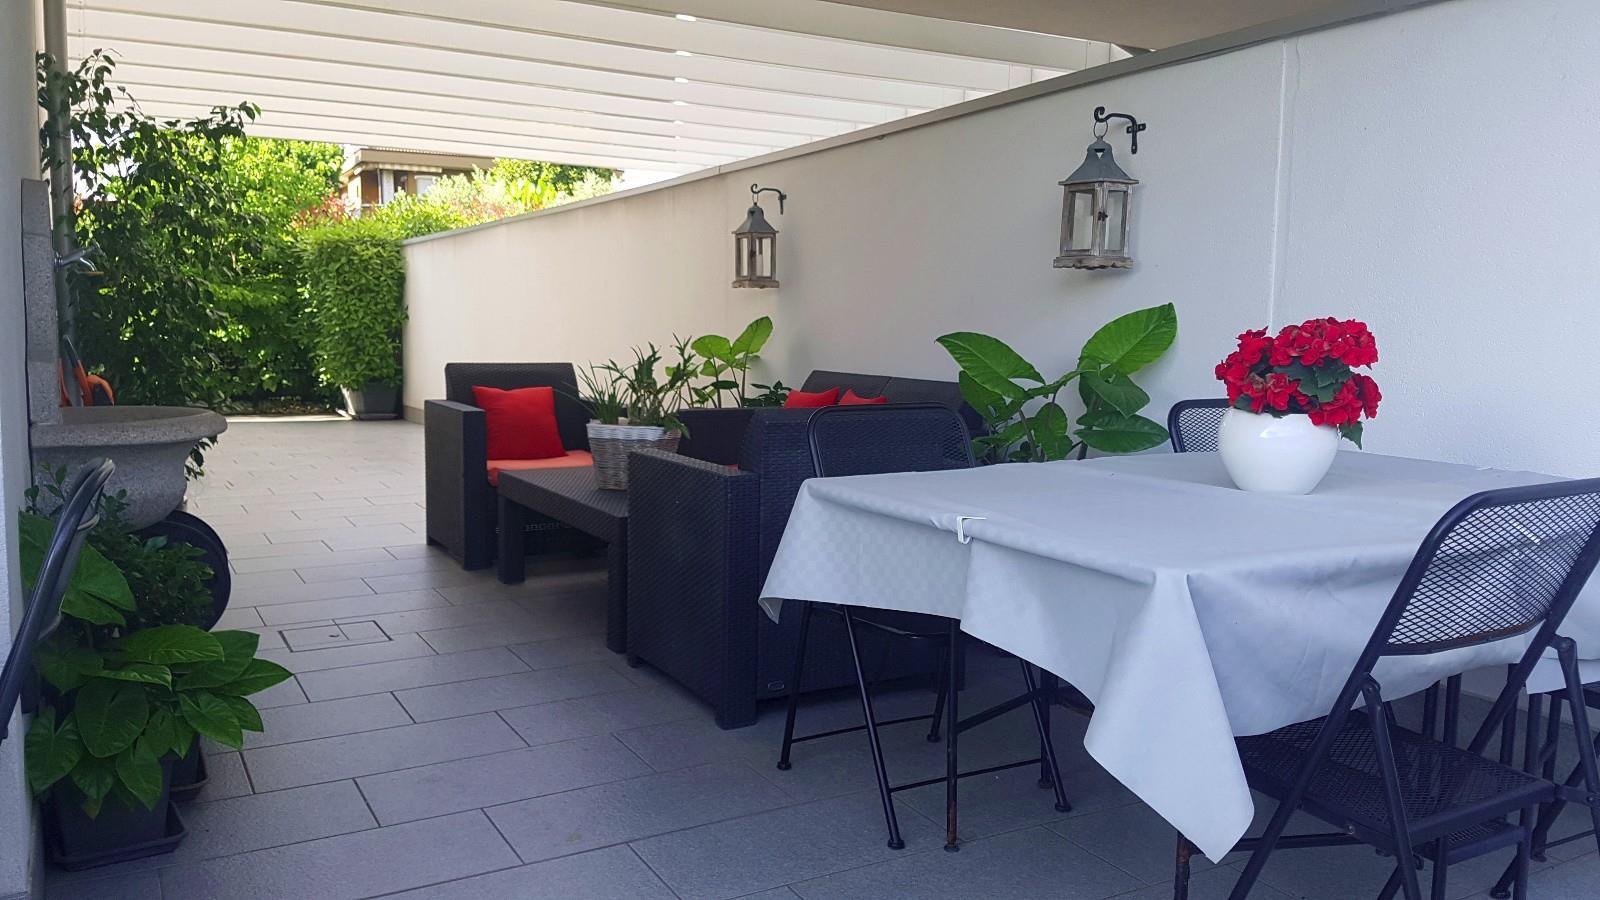 Foto 3 - Appartamento in Vendita - Monza, Zona Buonarroti